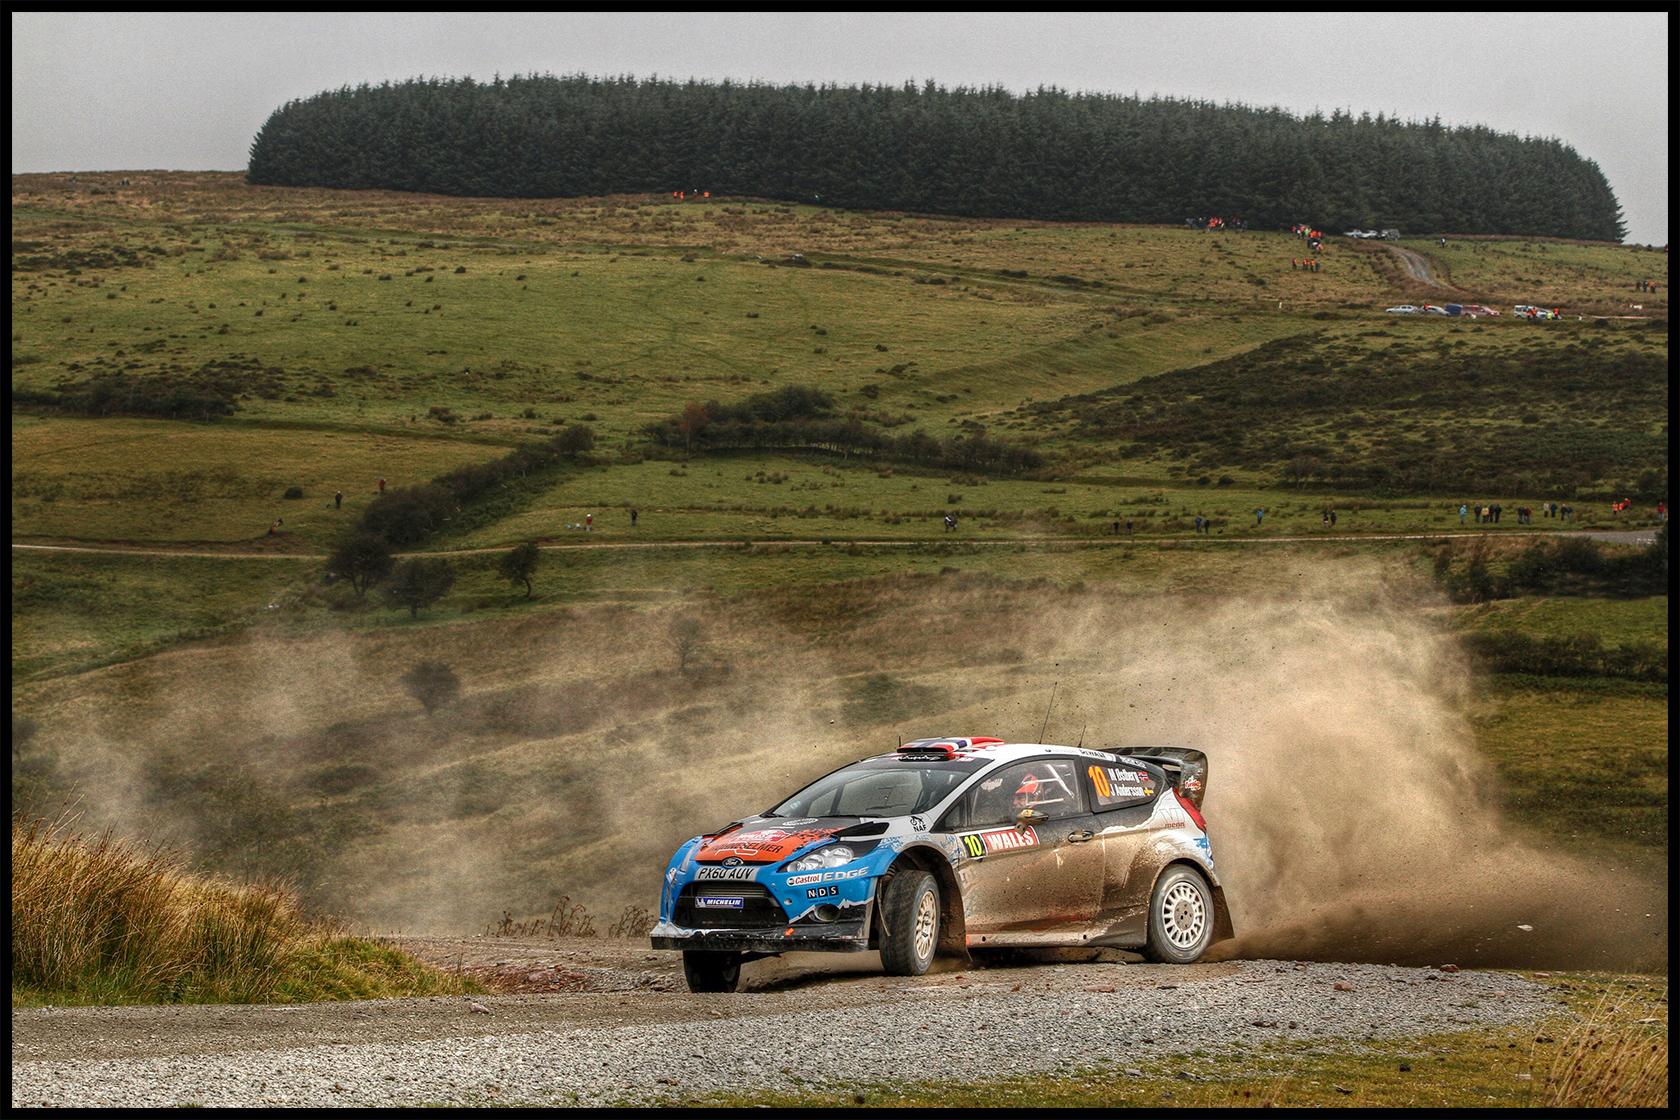 WRC - Mads Ostberg HDR by seb88